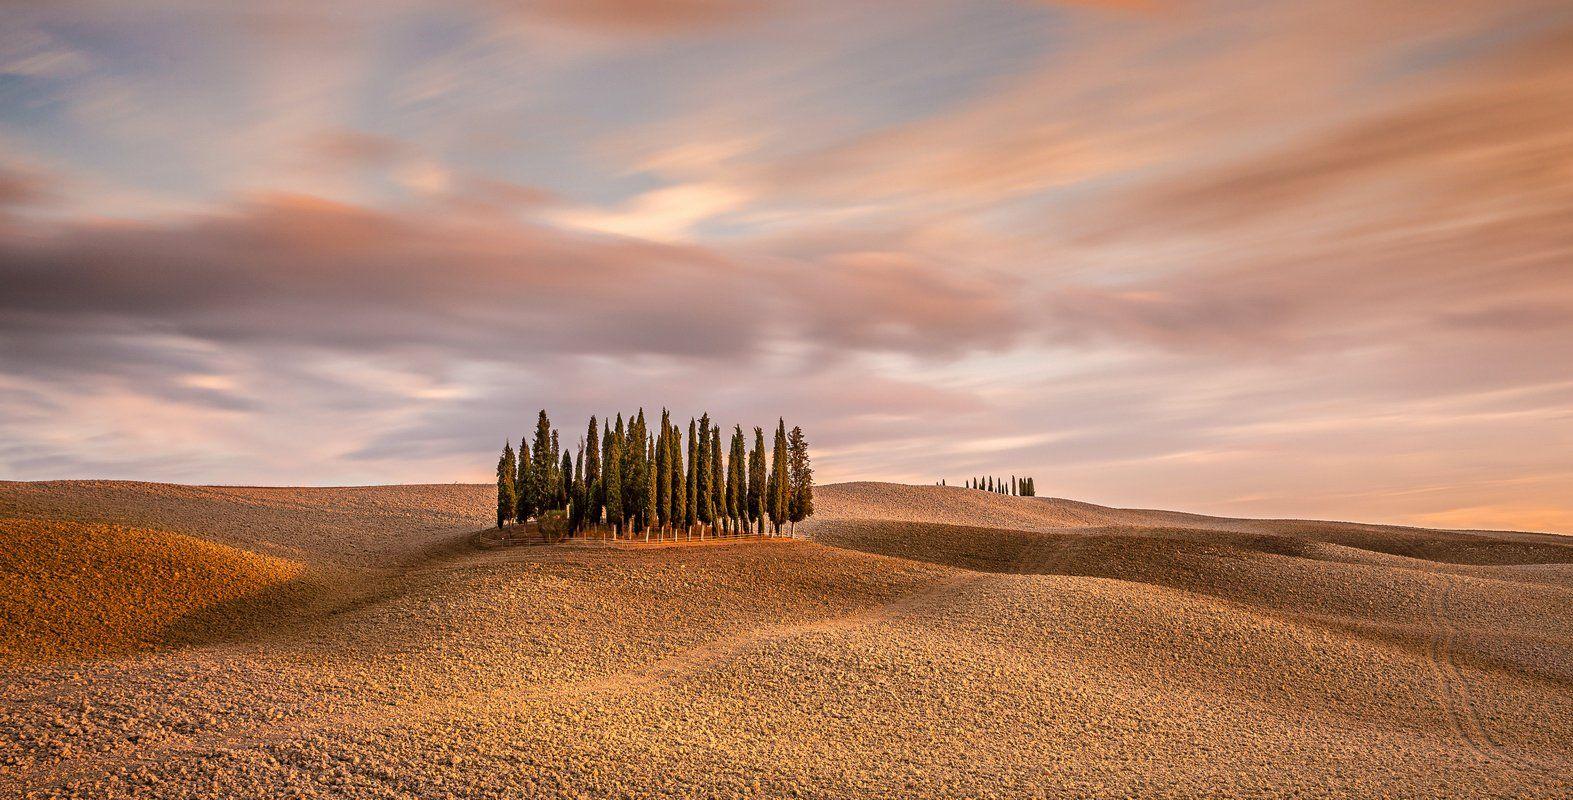 Tuscany, Sunset, Sunrise, Longexposure, Ryszard Lomnicki